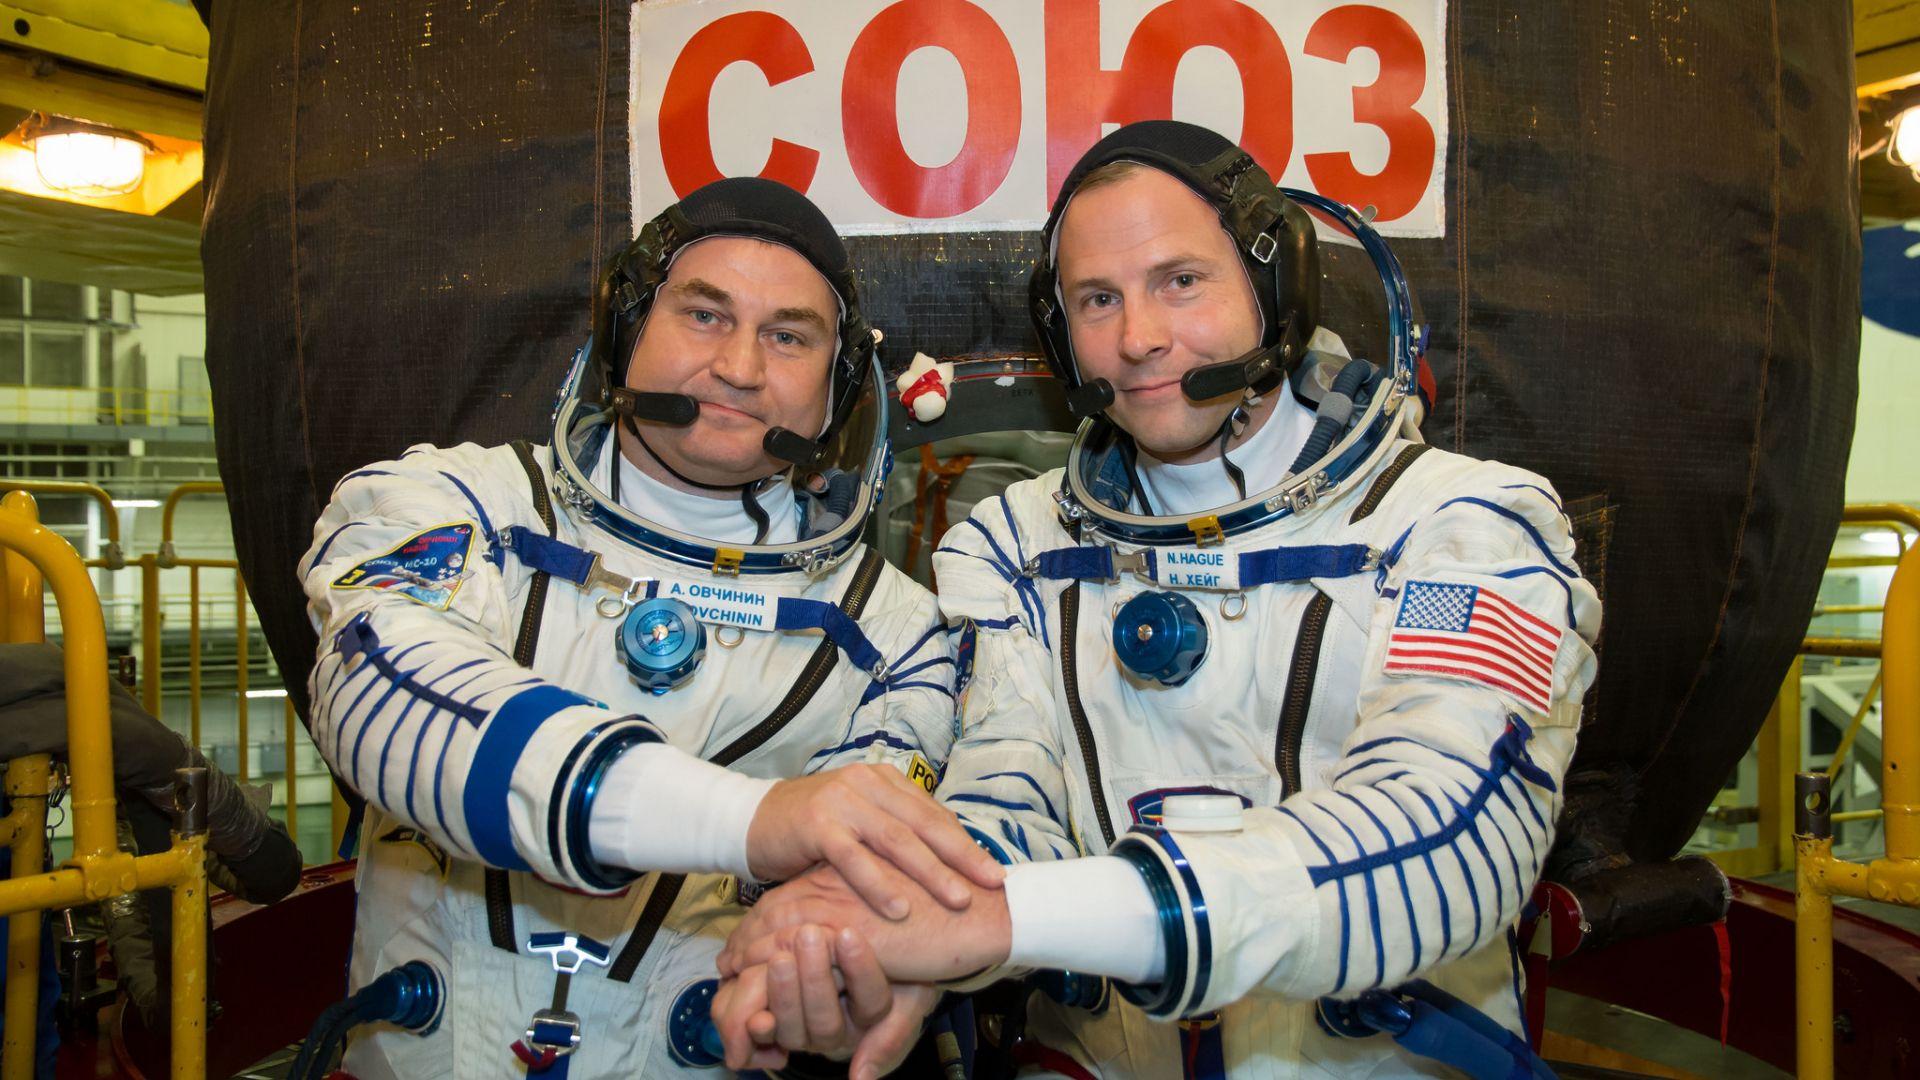 Космонавта на Роскосмос Алексей Овчинин и астронавта на НАСА Ник Хейг